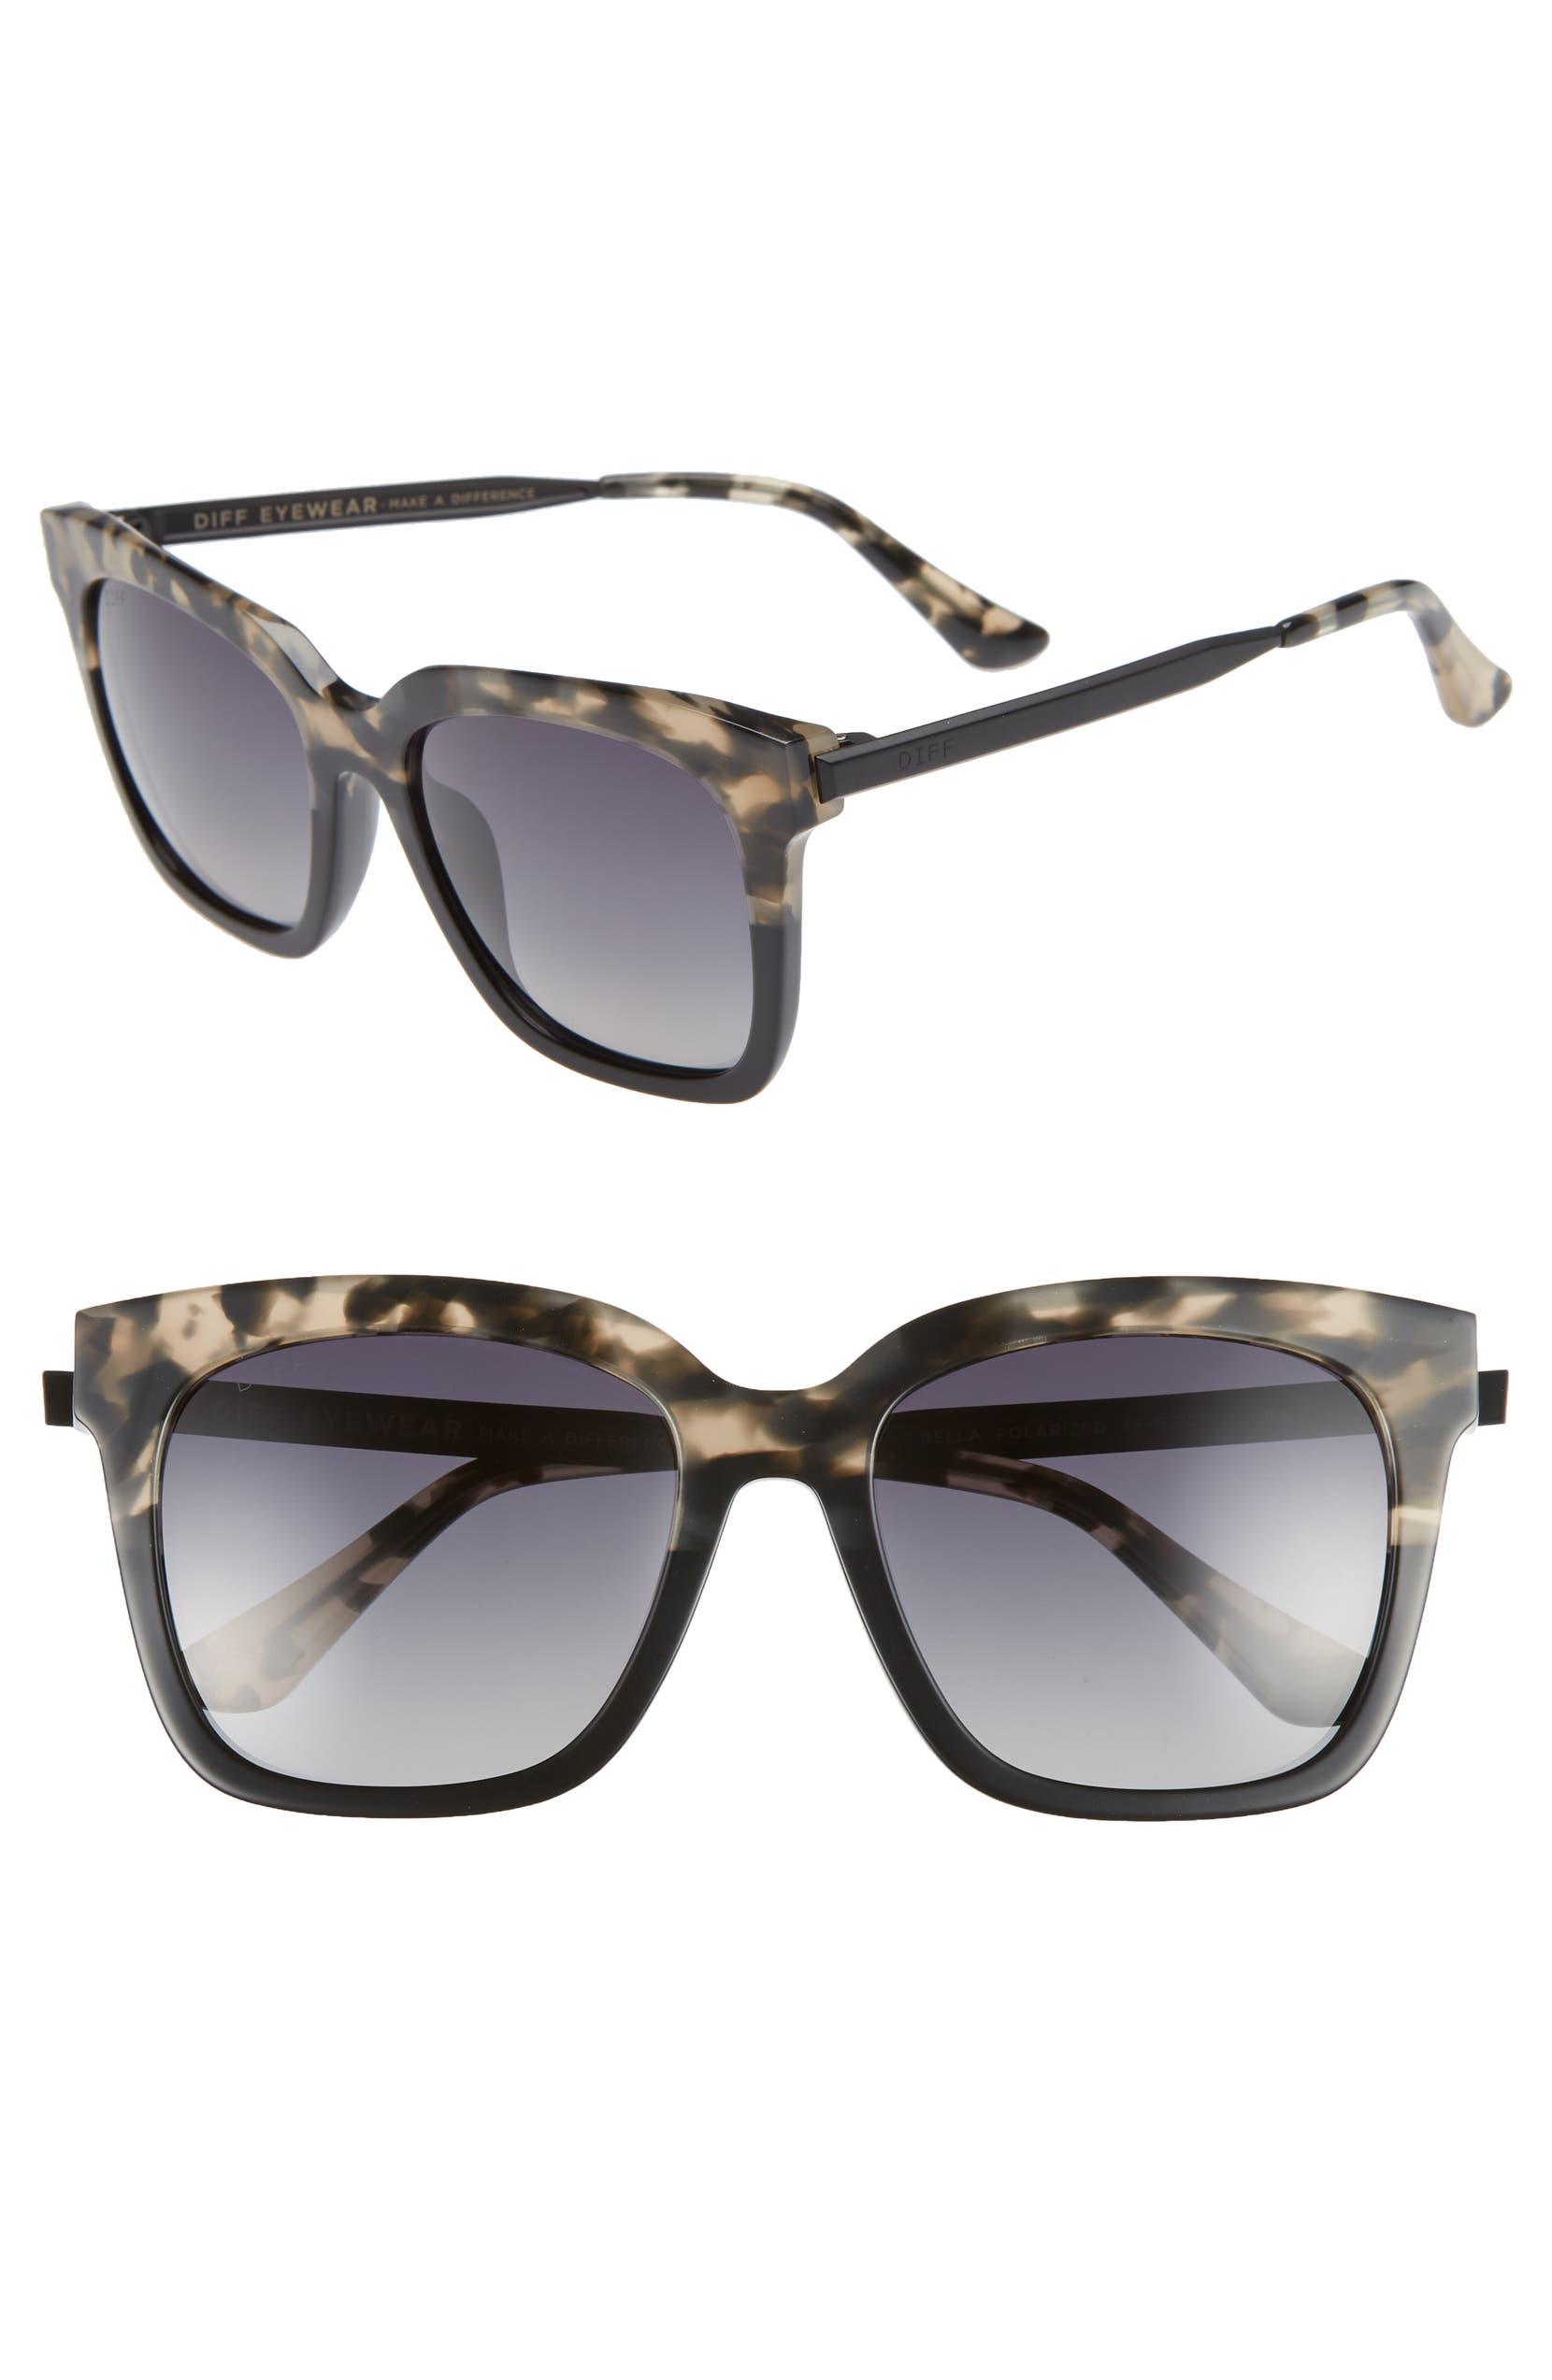 266242ed53 DIFF Bella 52mm Polarized Sunglasses